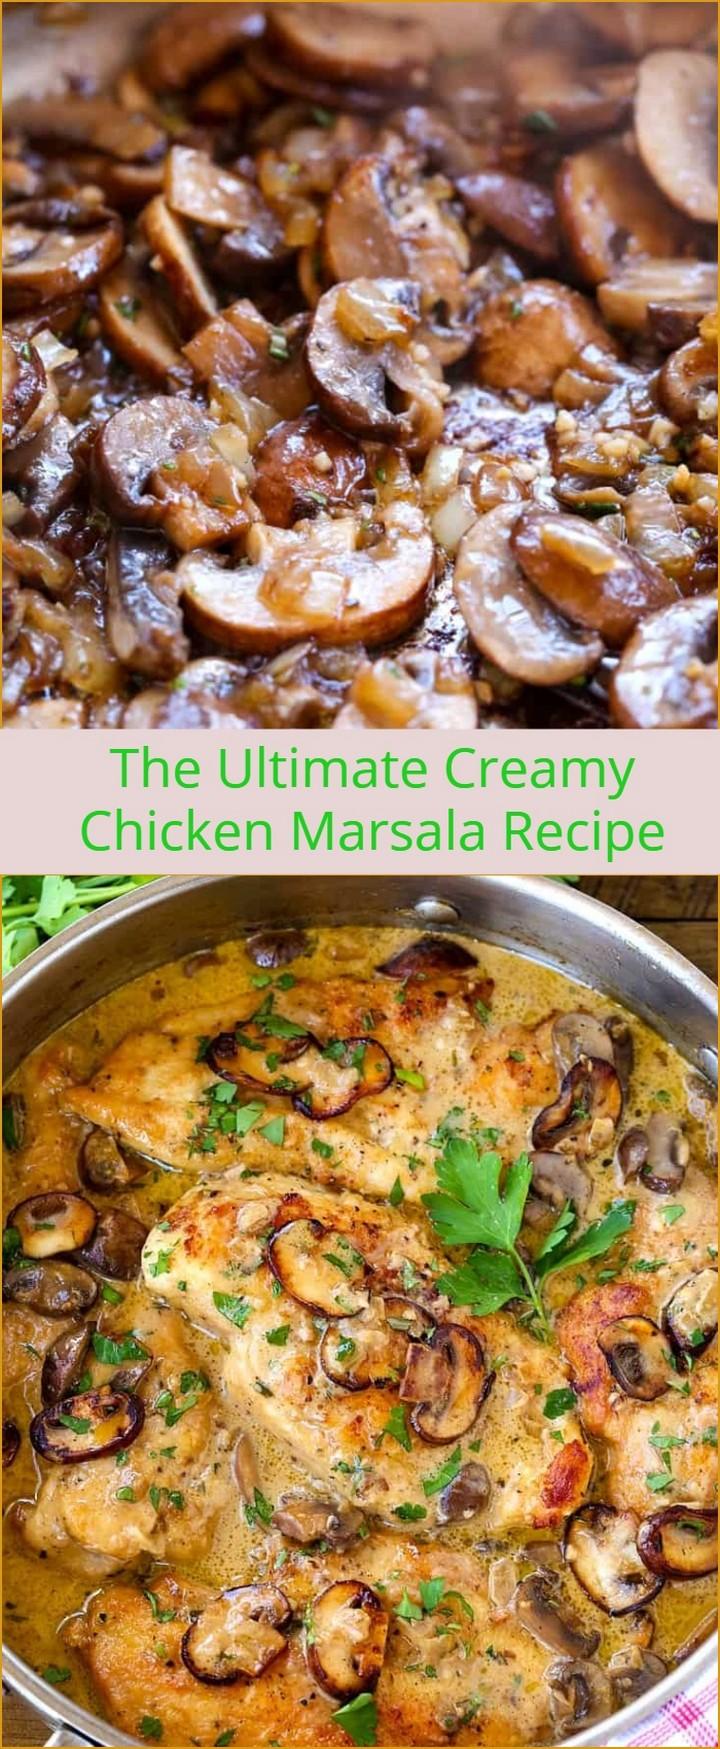 The Ultimate Creamy Chicken Marsala Recipe 1 1